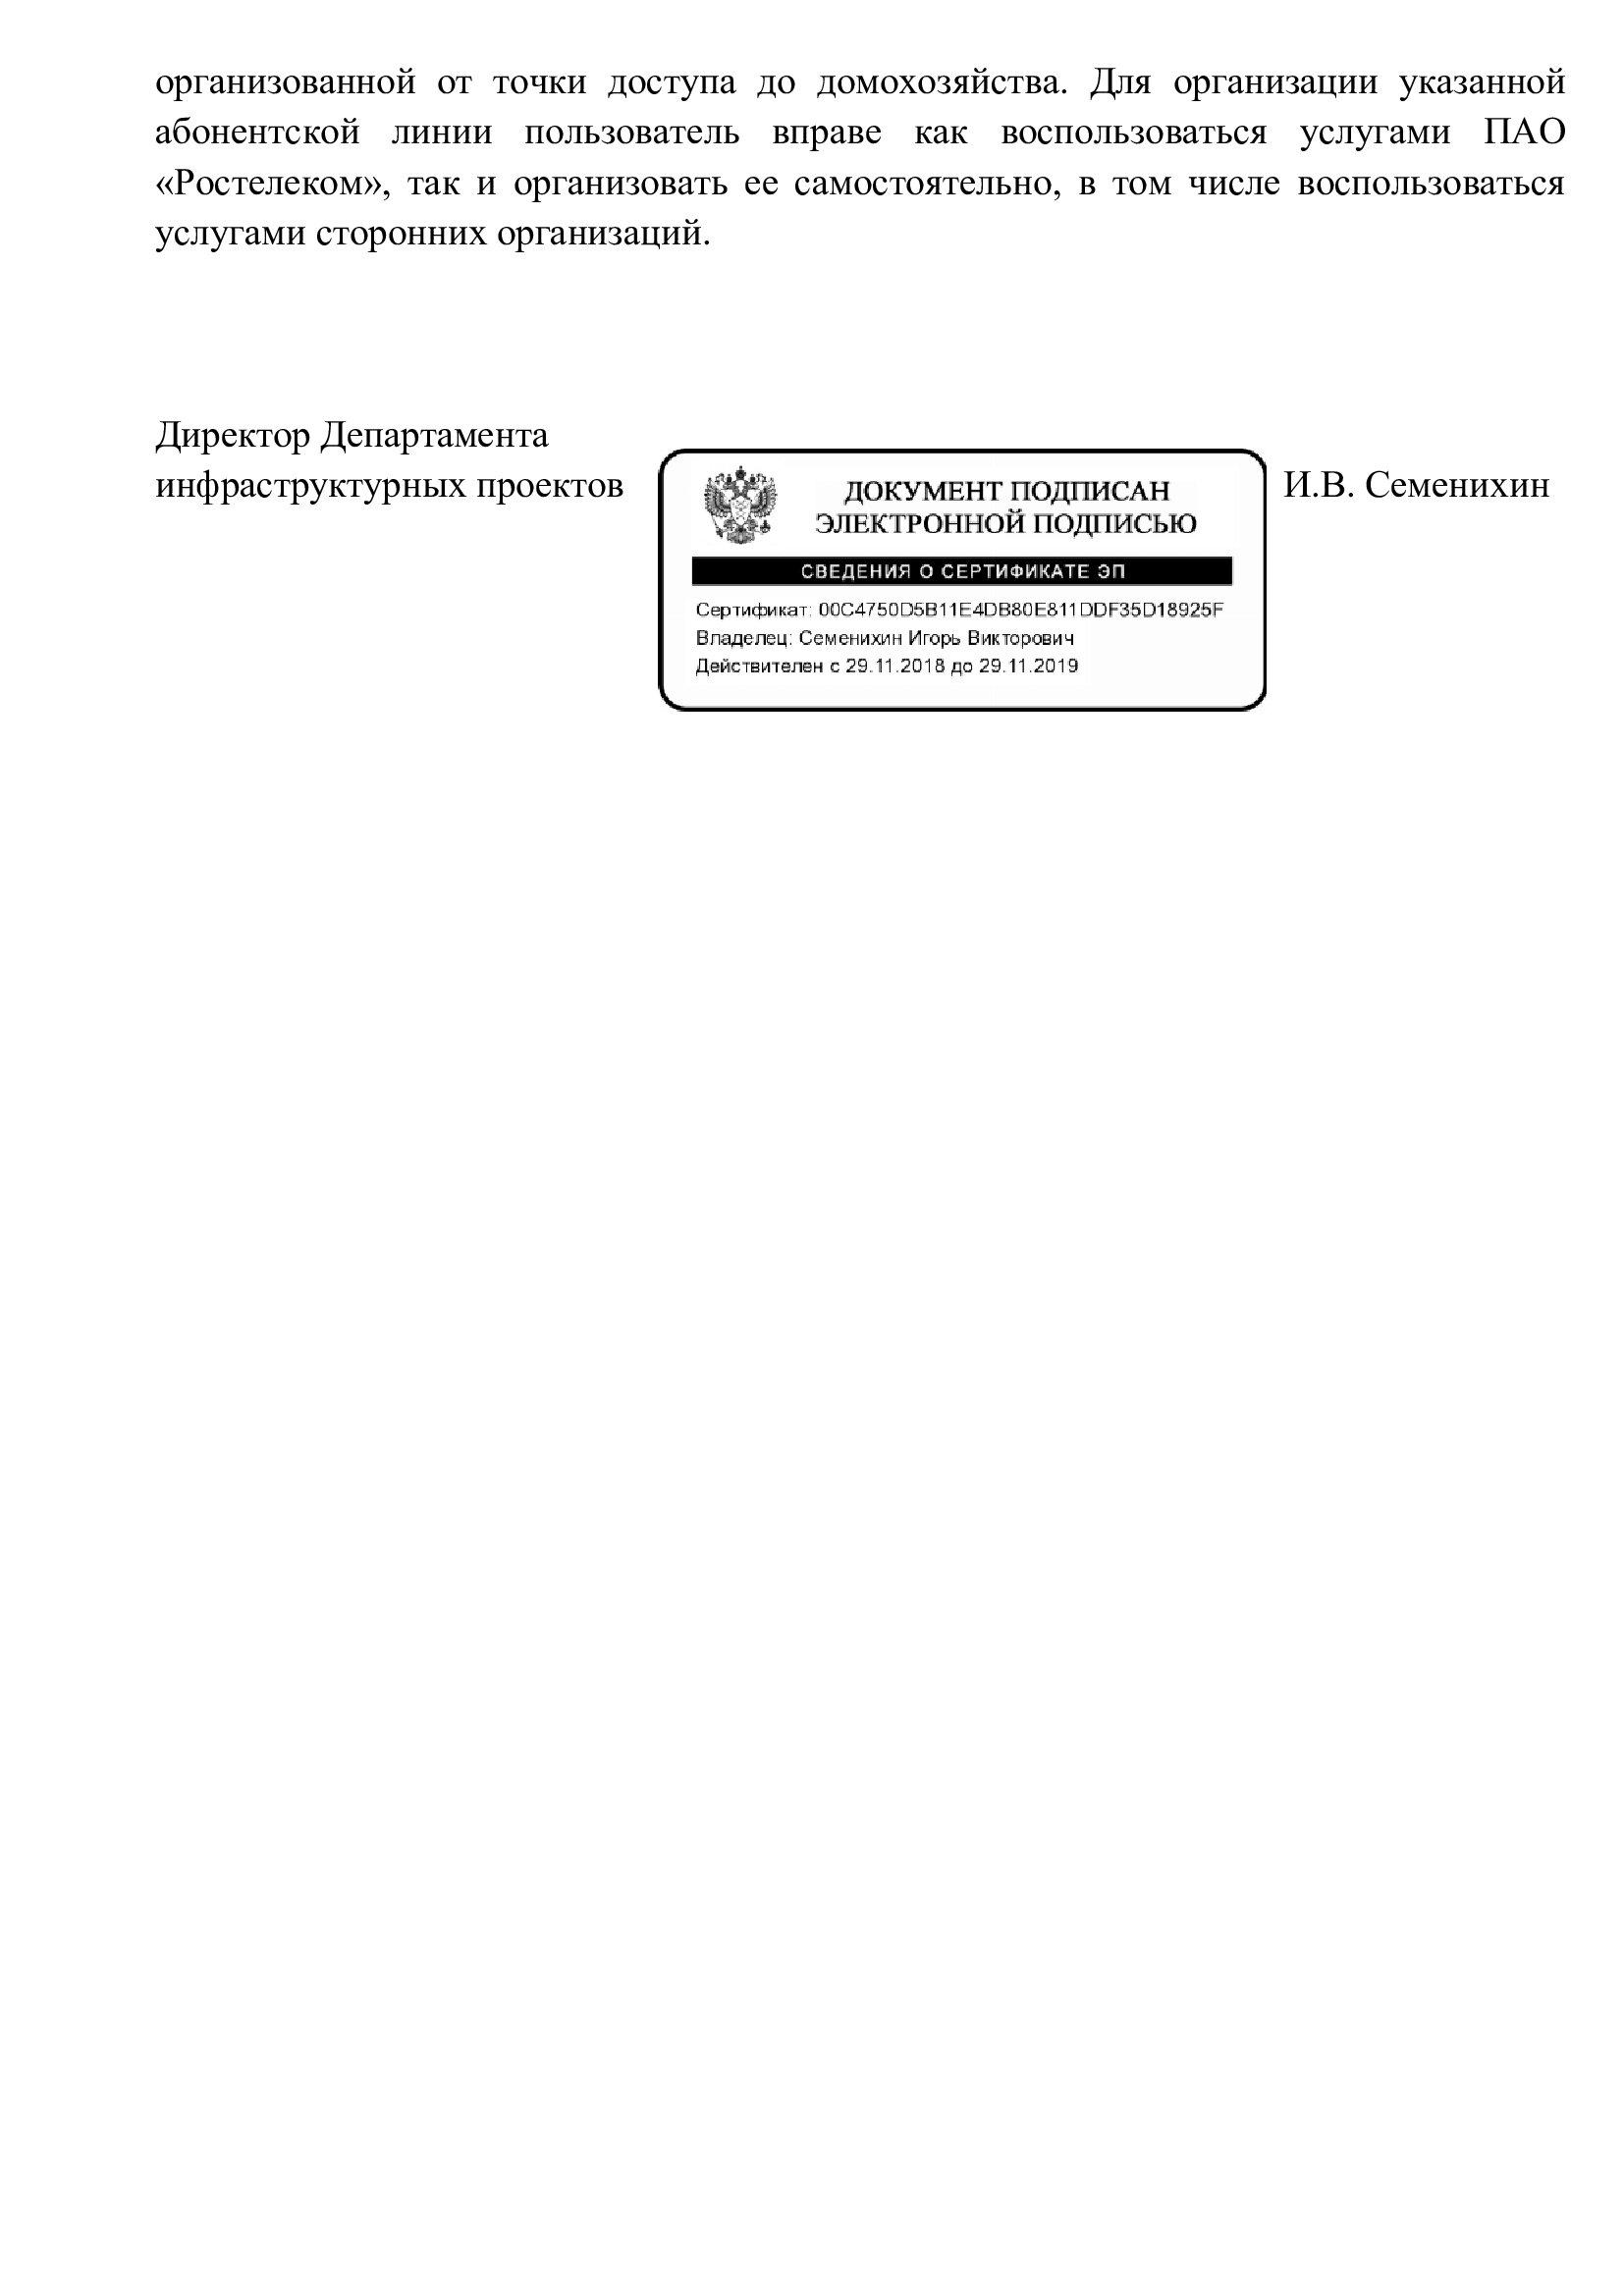 Такой ответ я получила из Минкомсвязи в ответ на просьбу подключить интернет в селе через точку доступа по программе УЦН